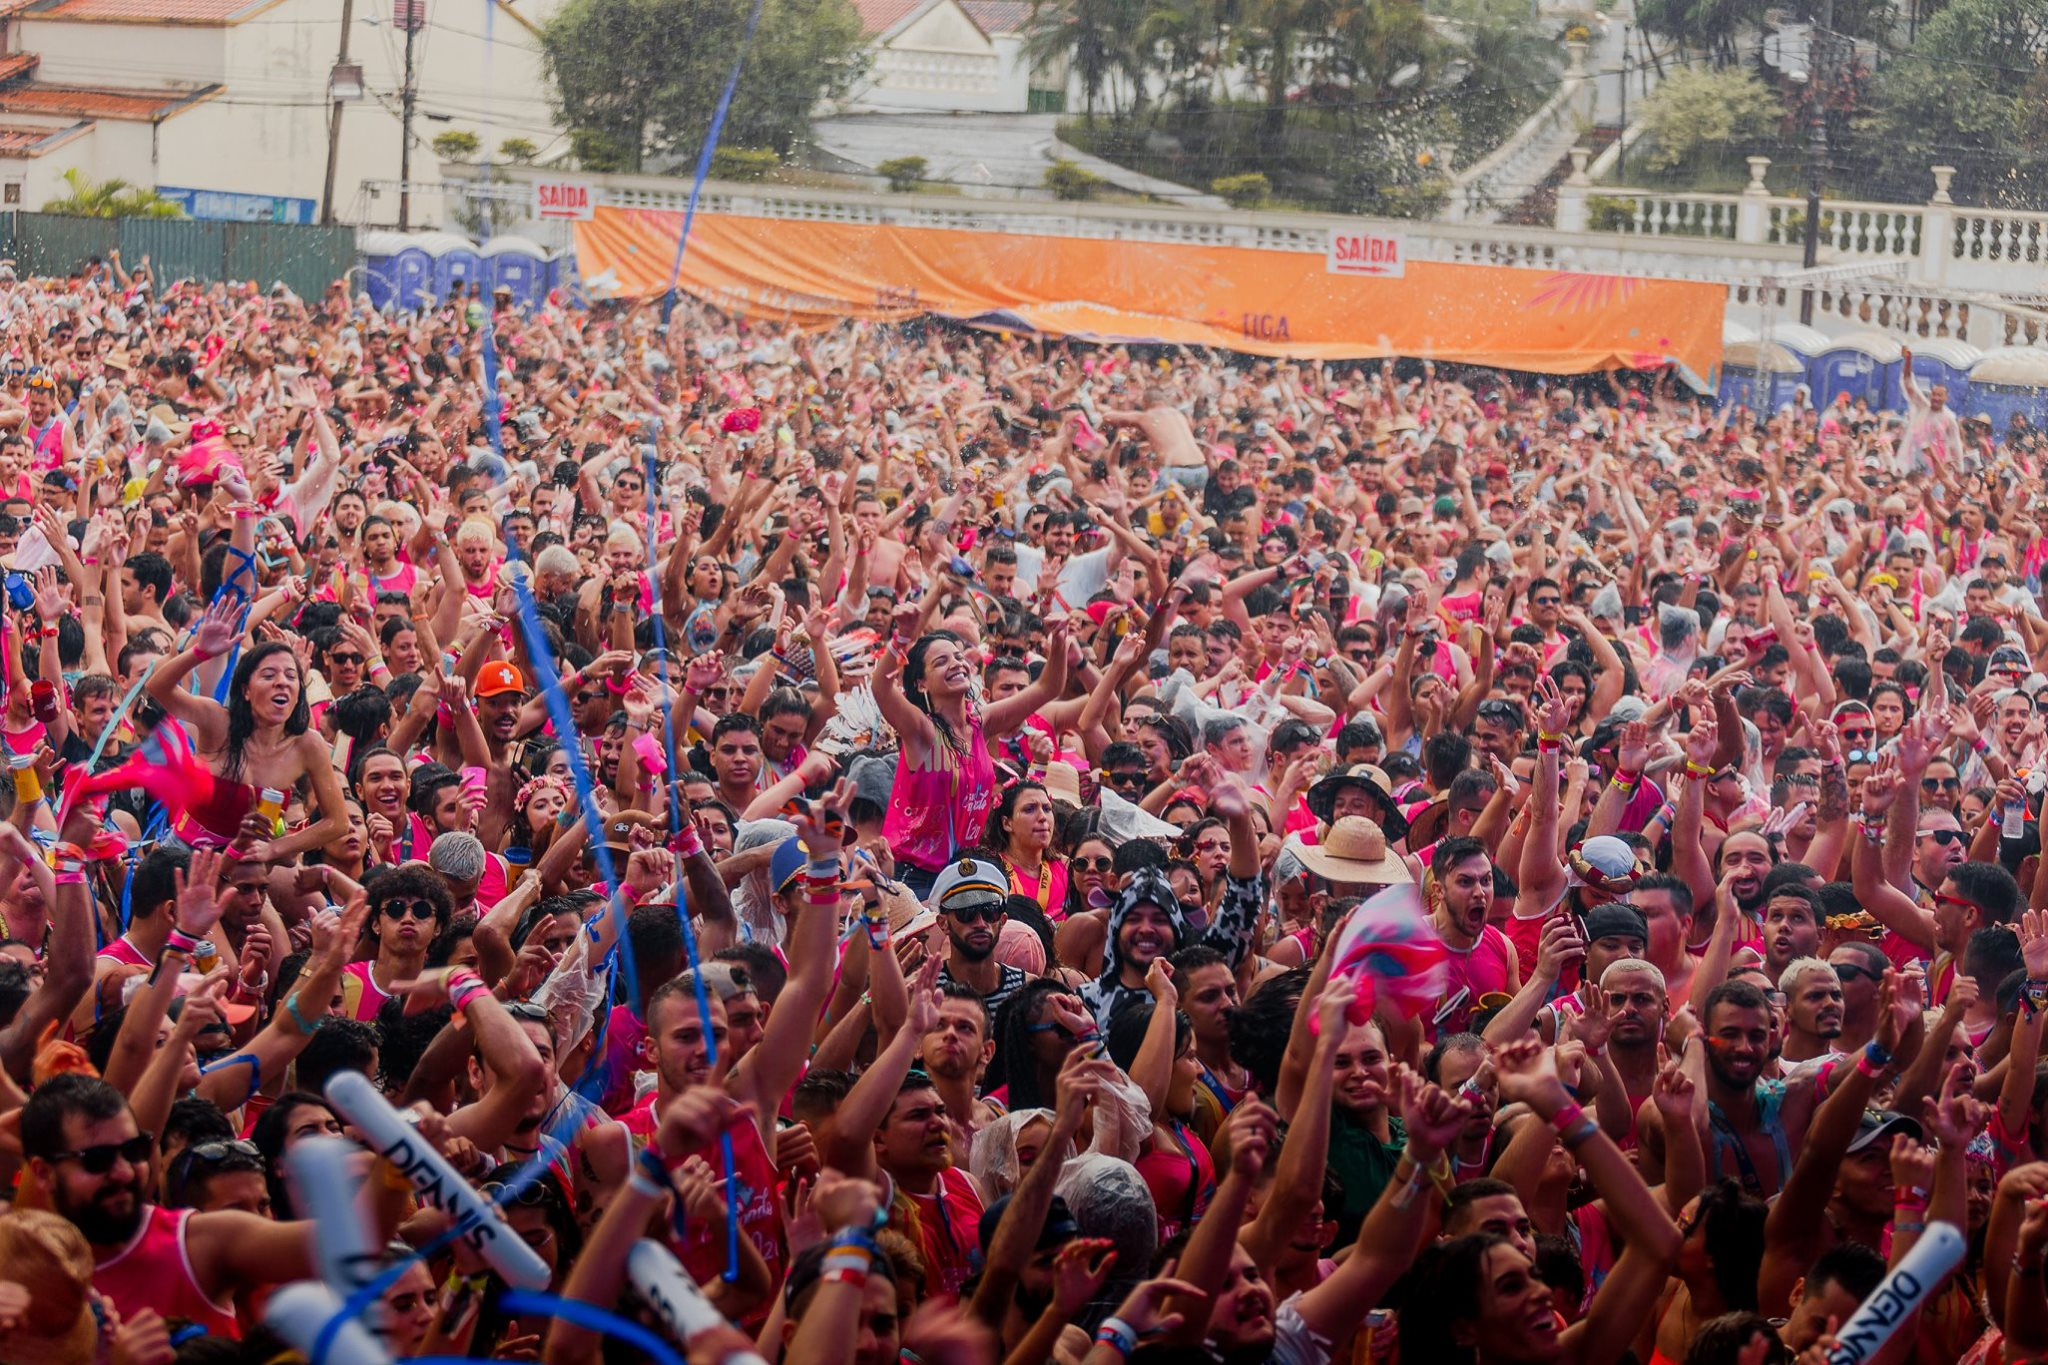 Liga dos Blocos vende ingressos para o carnaval sem consultar Secretaria de Turismo de Ouro Preto